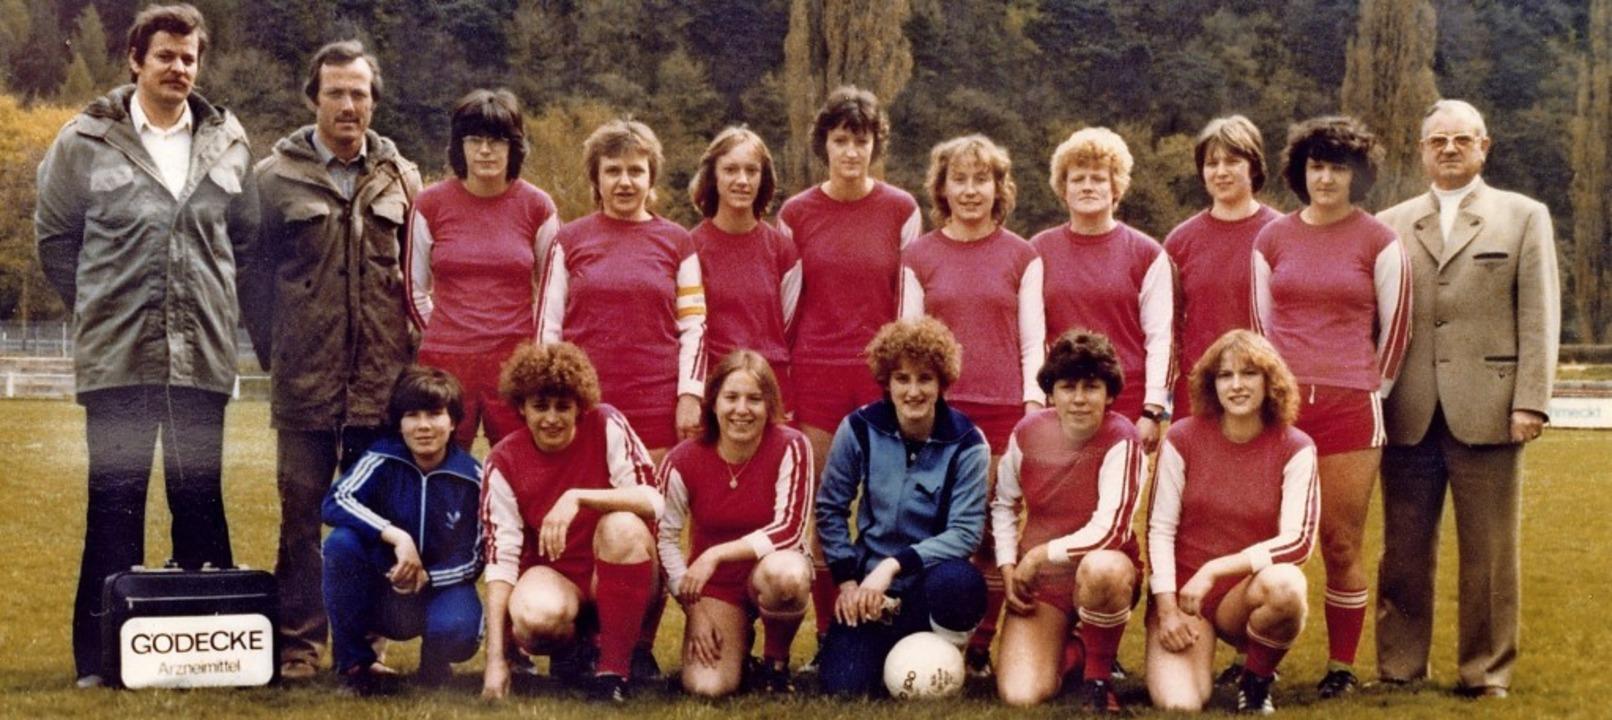 Der Konkurrenz in der Region oft haush... v. links) in der Spielzeit 1978/1979.  | Foto: PR